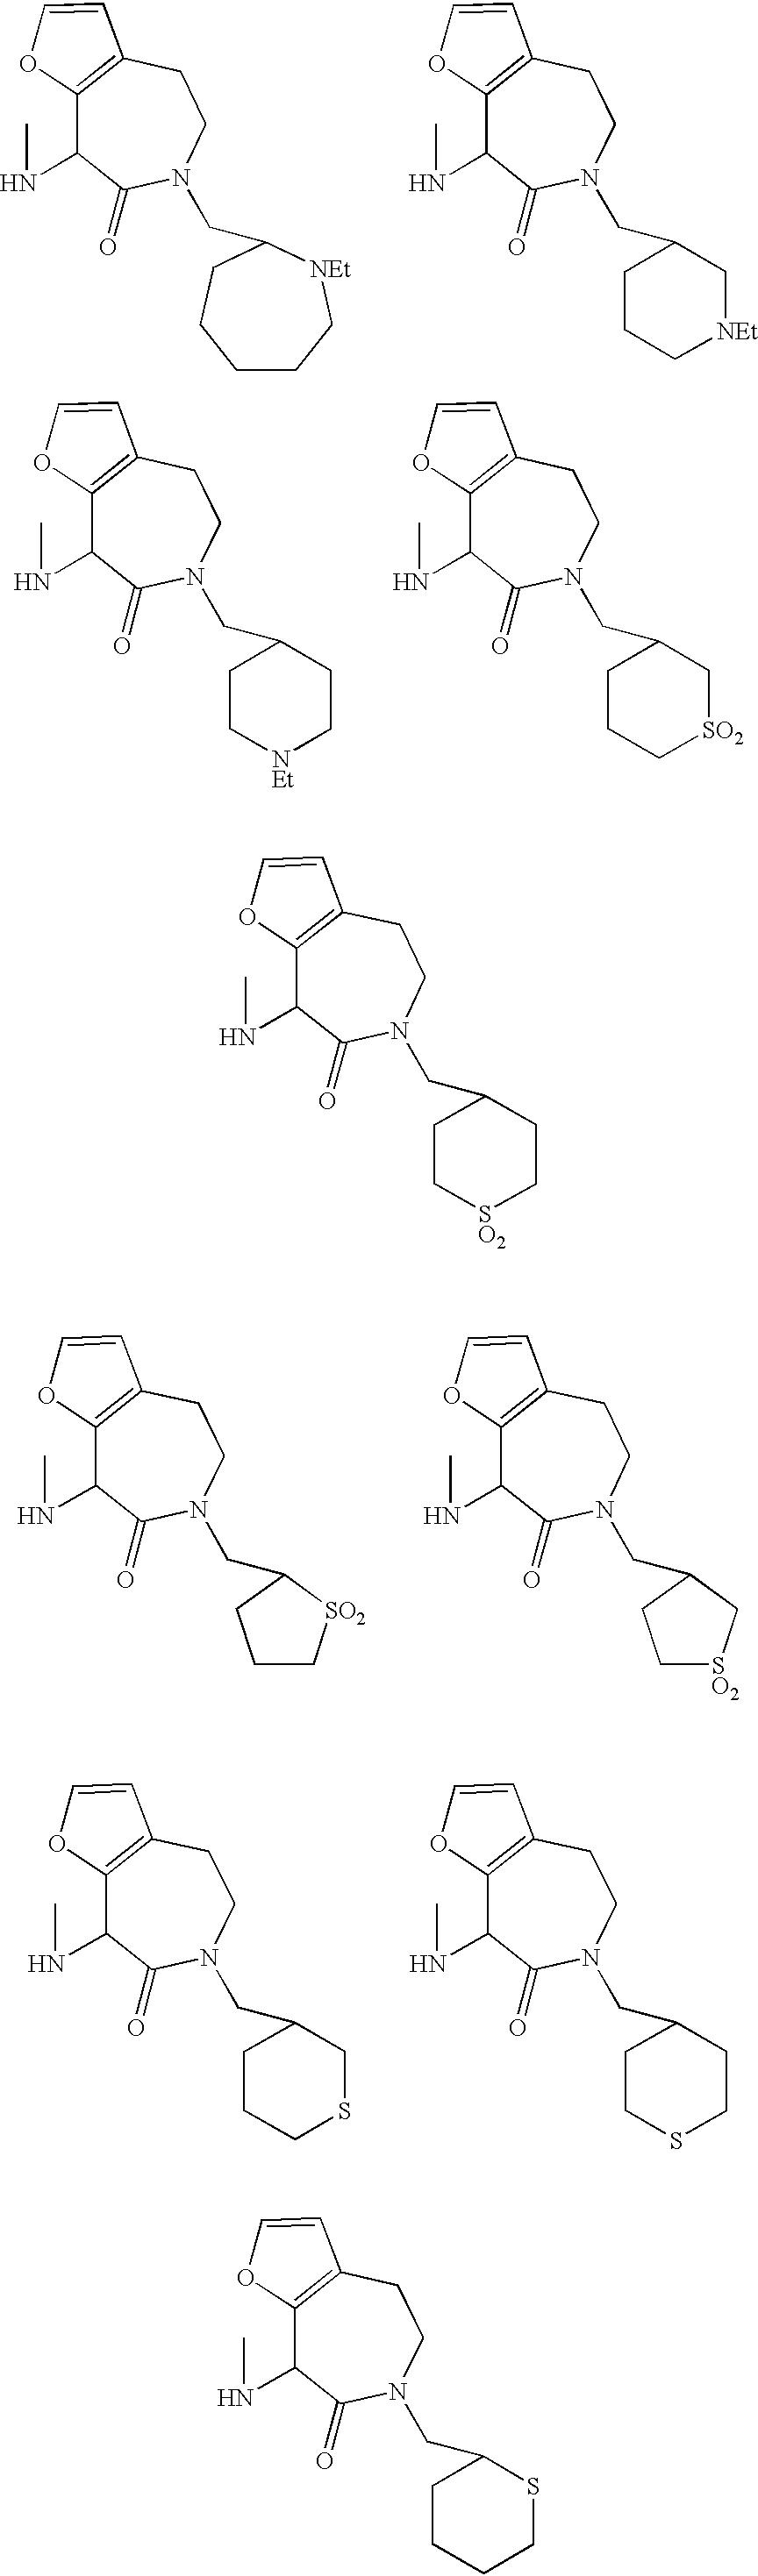 Figure US06509331-20030121-C00081